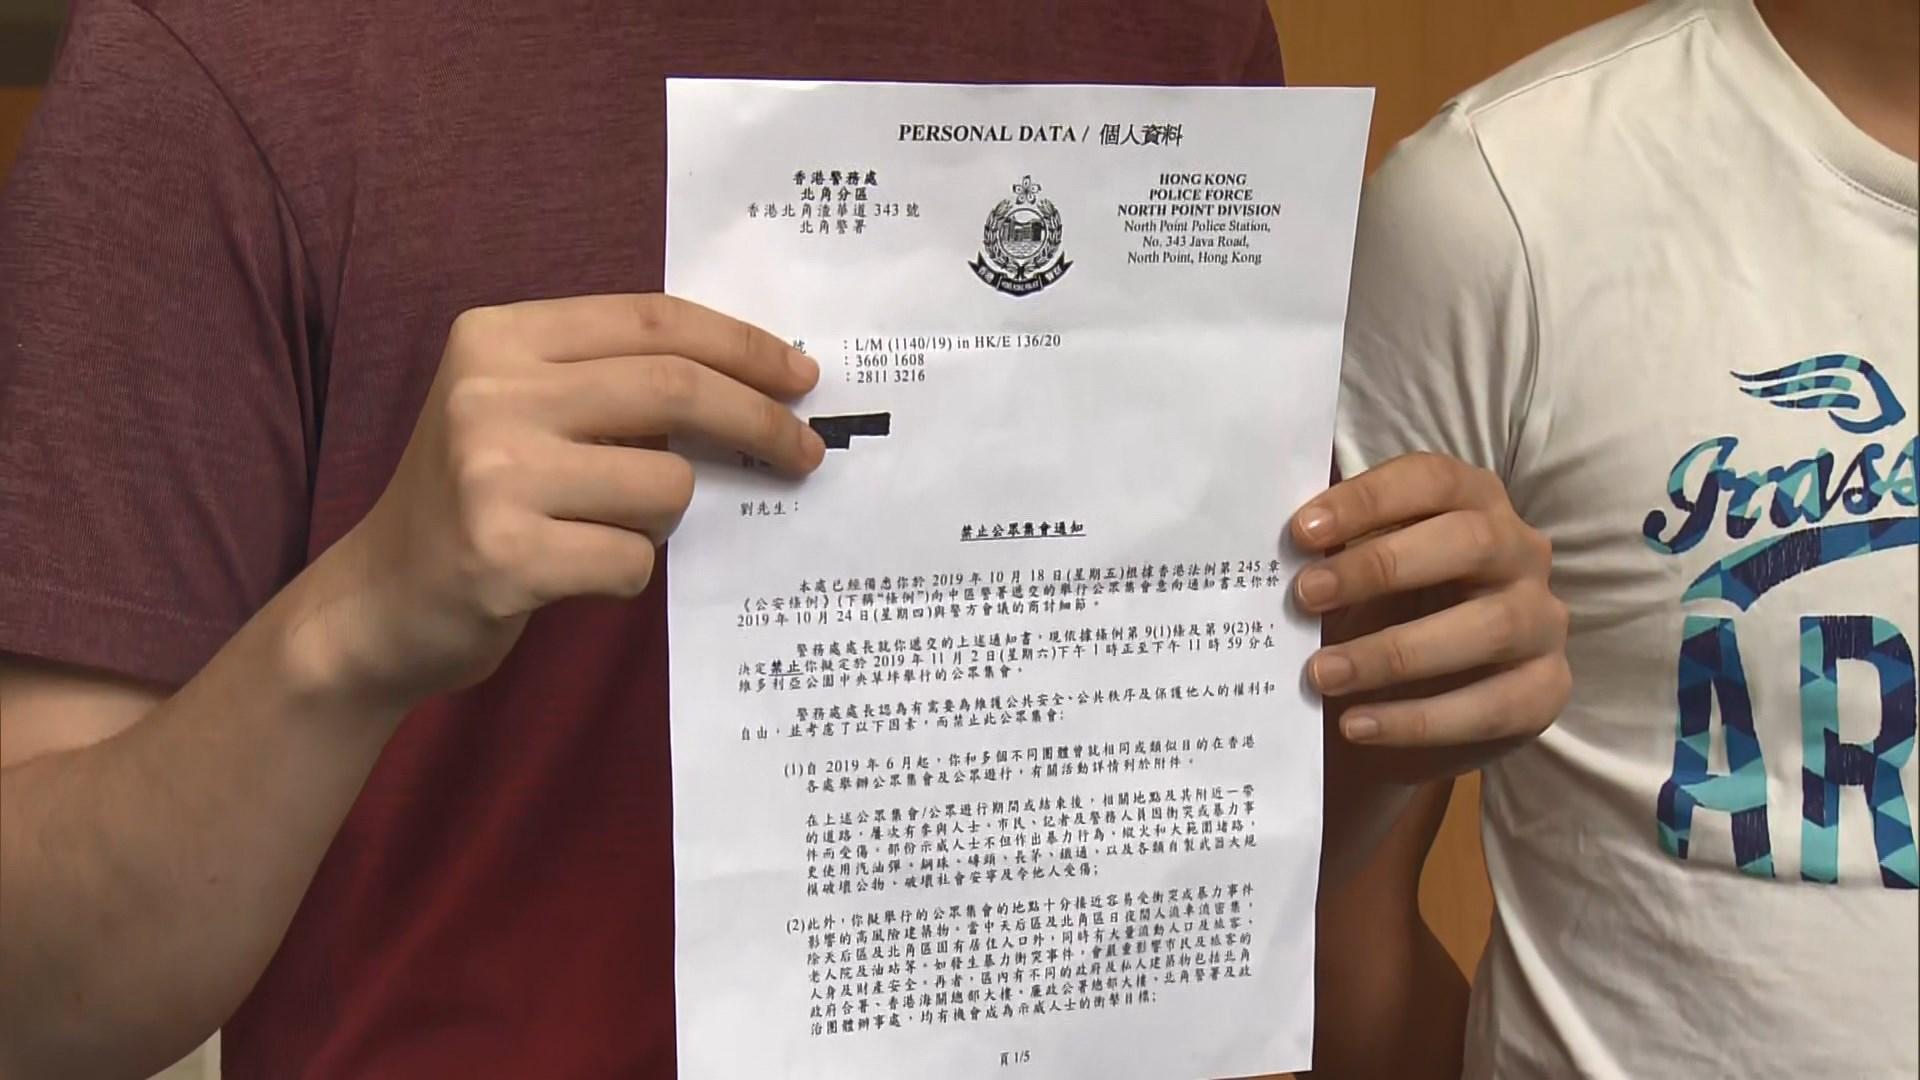 【最新】上訴委員會駁回周六維園集會上訴